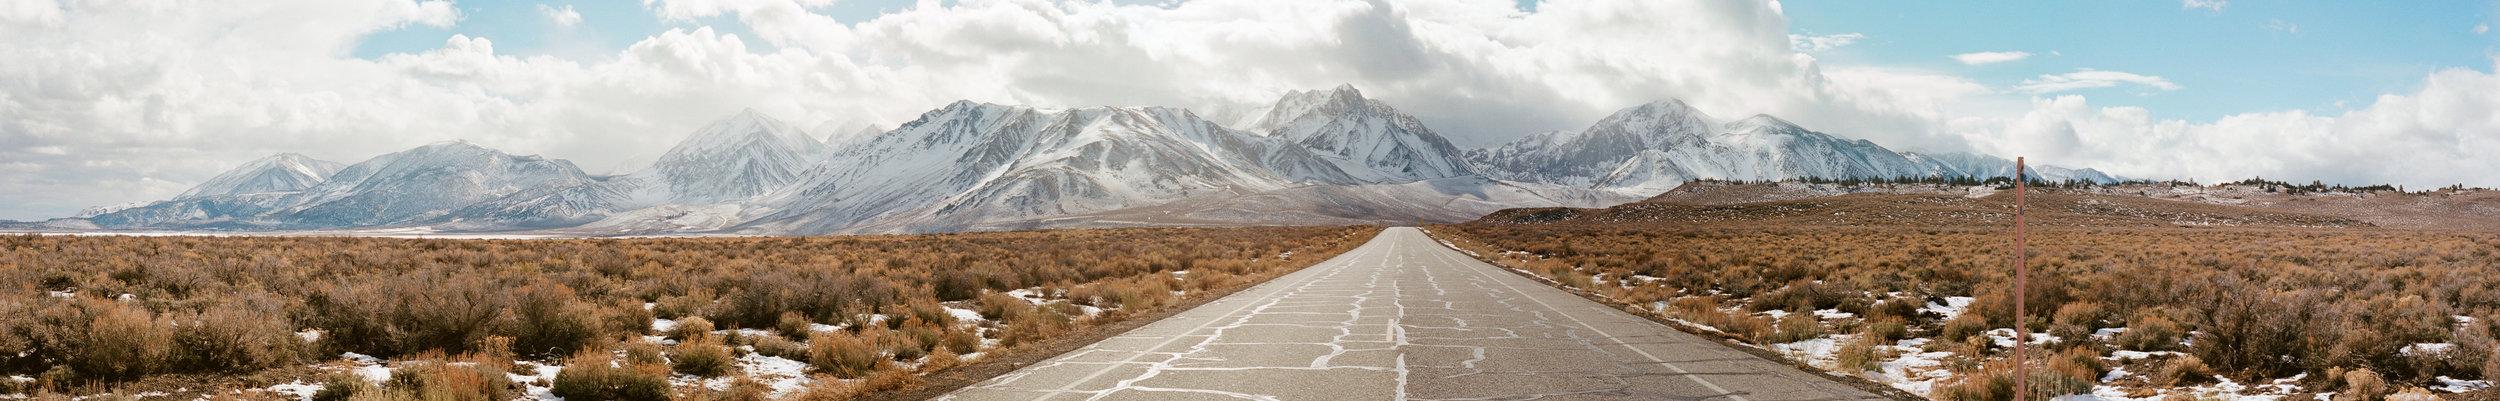 Sierra_Panorama.jpg